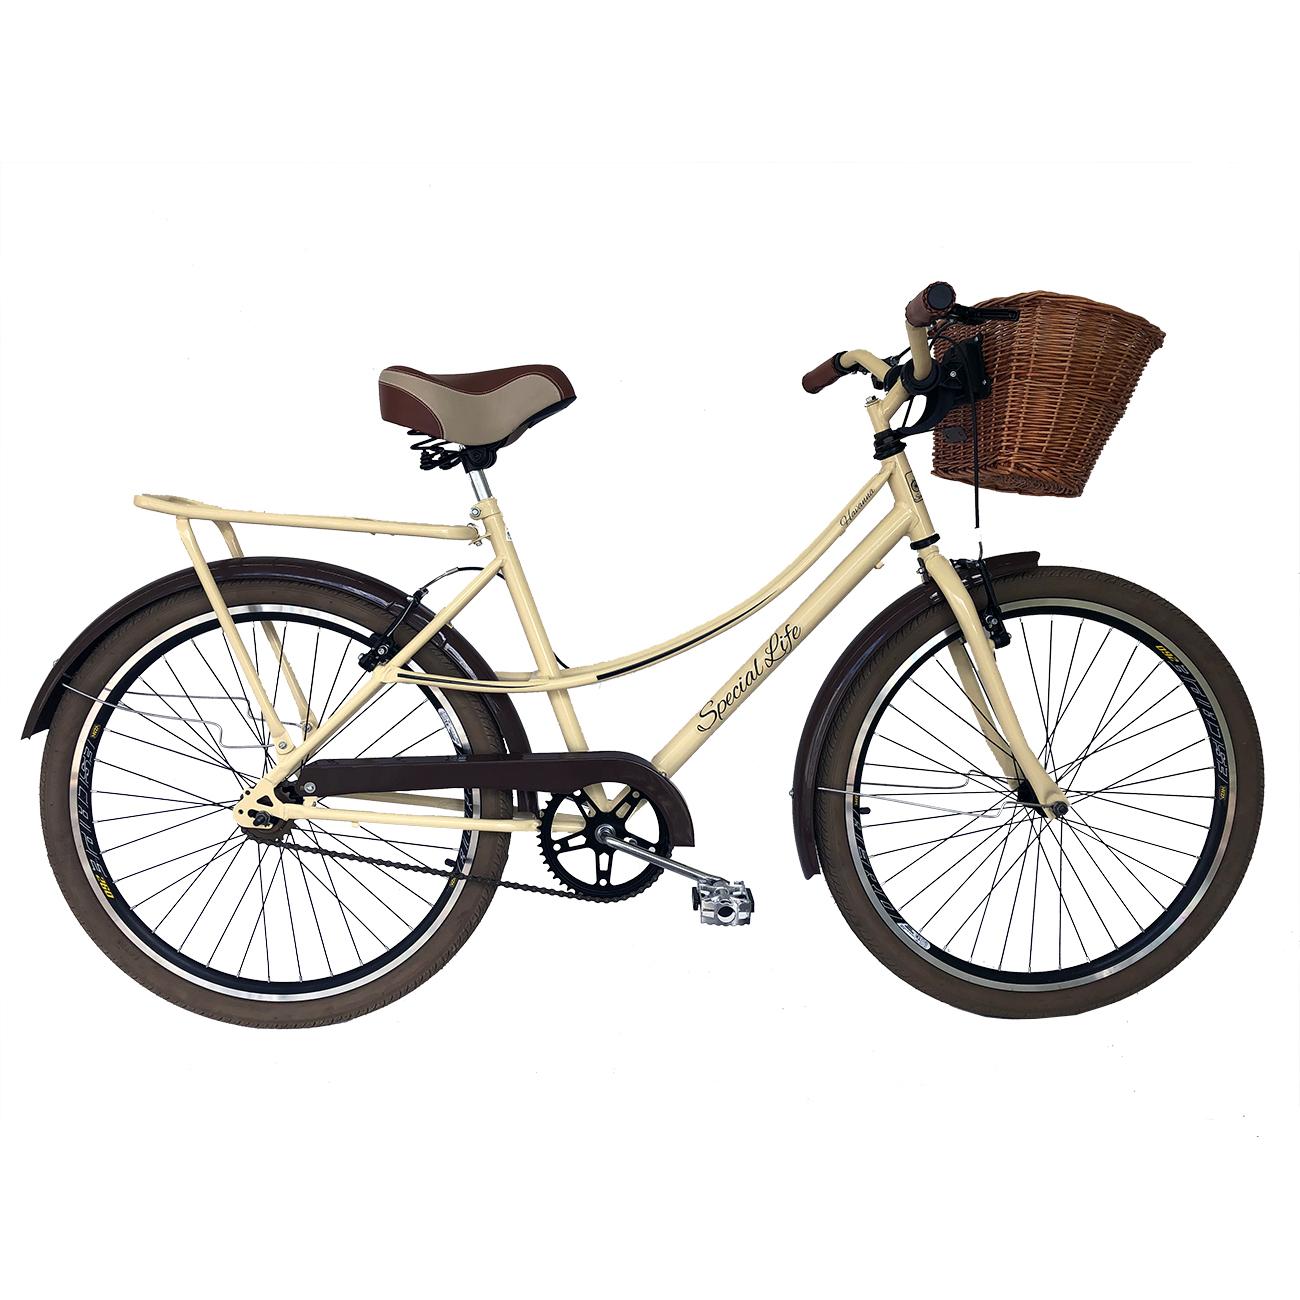 Kit Bicicleta 26 Retro Cestão Vime Creme